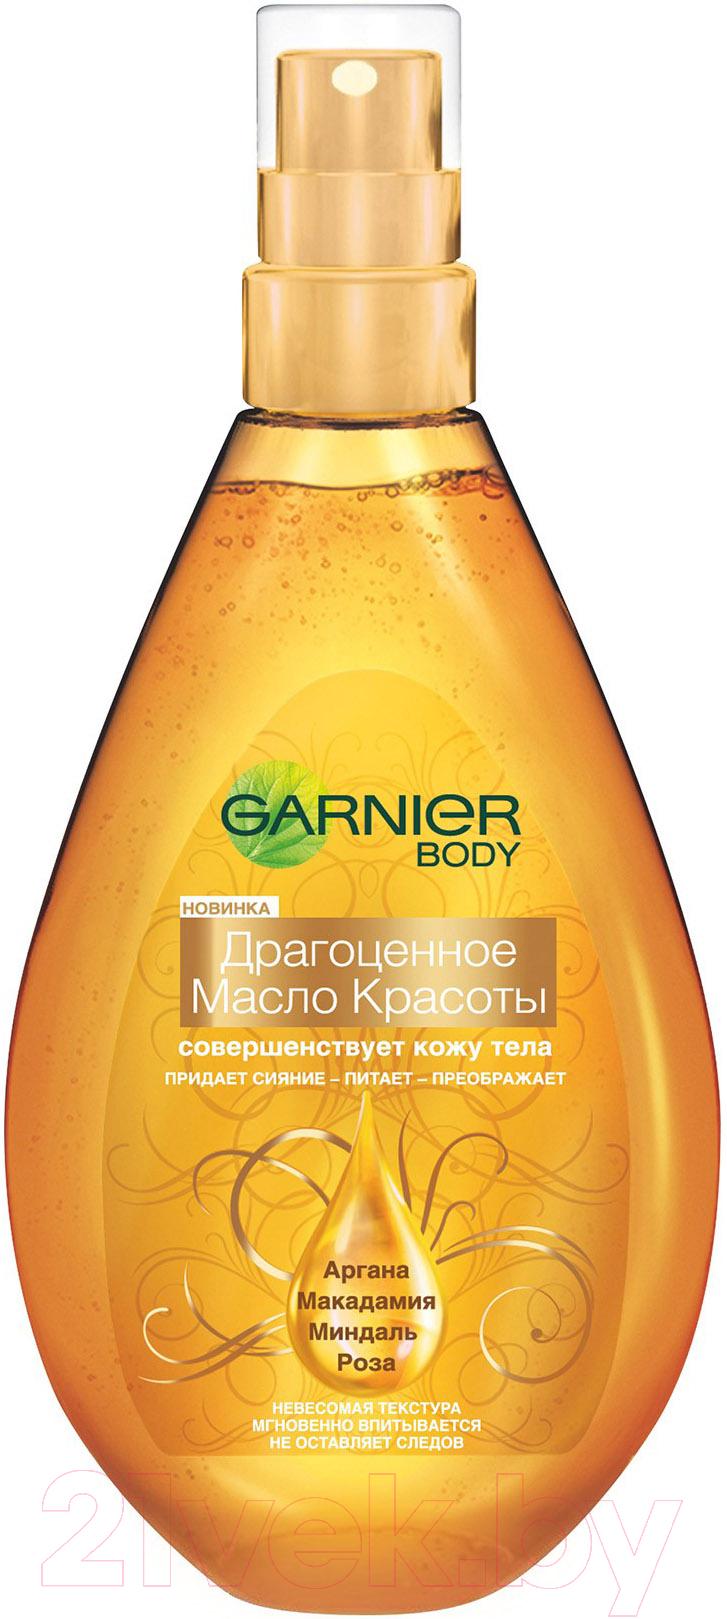 Купить Масло для тела Garnier, Драгоценное масло красоты (150мл), Израиль